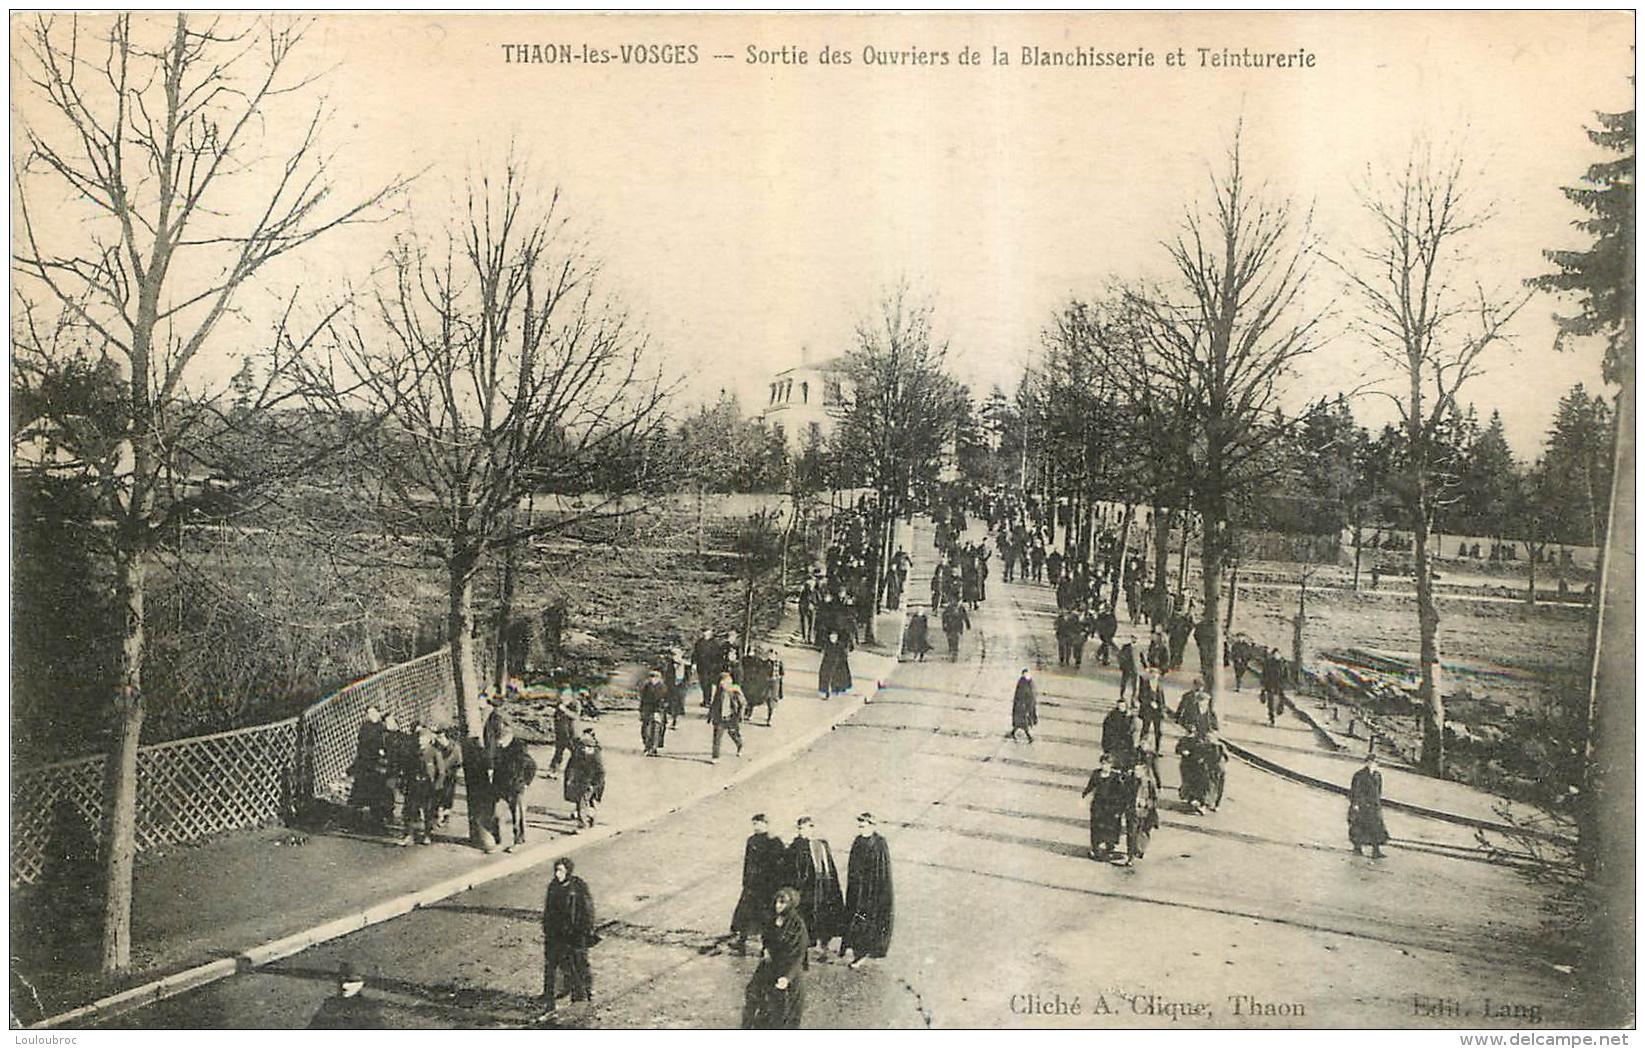 RARE  THAON LES VOSGES SORTIE DES  OUVRIERS DE LA BLANCHISSERIE ET TEINTURERIE - Thaon Les Vosges